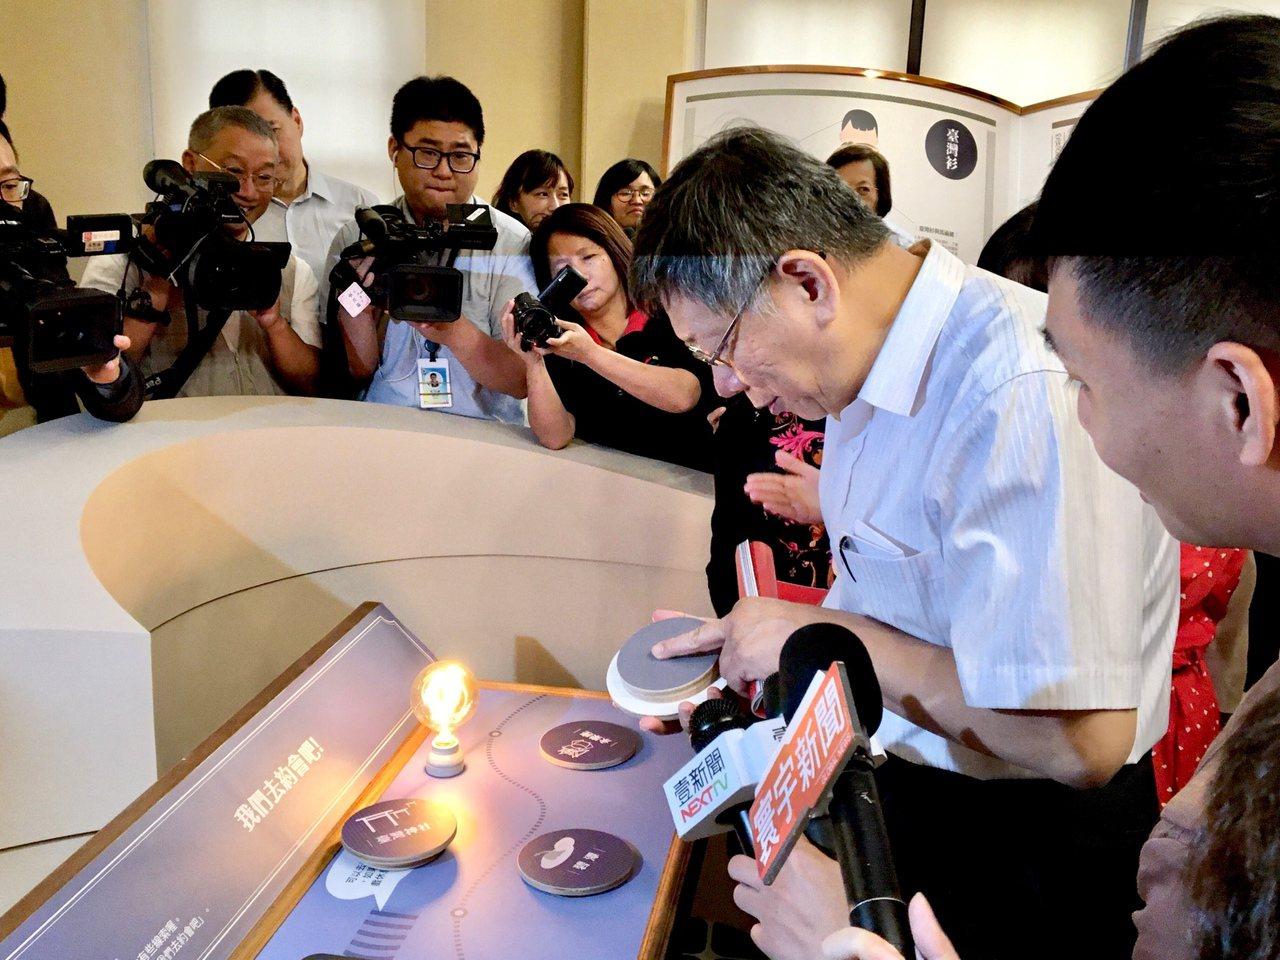 台灣新文化運動紀念館開館滿周年,柯文哲今到場參觀特展《自由戀愛—時代製造的浪漫》...